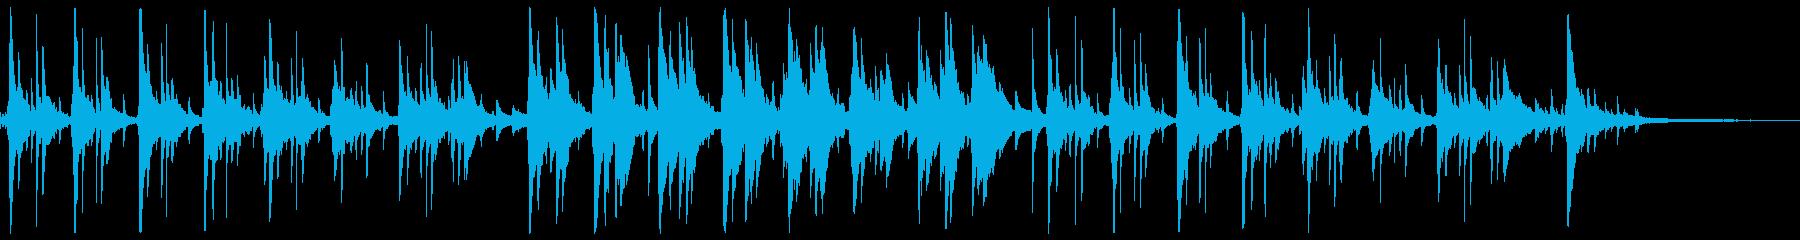 ピアノが印象的なゆったり落ち着くジャズ2の再生済みの波形